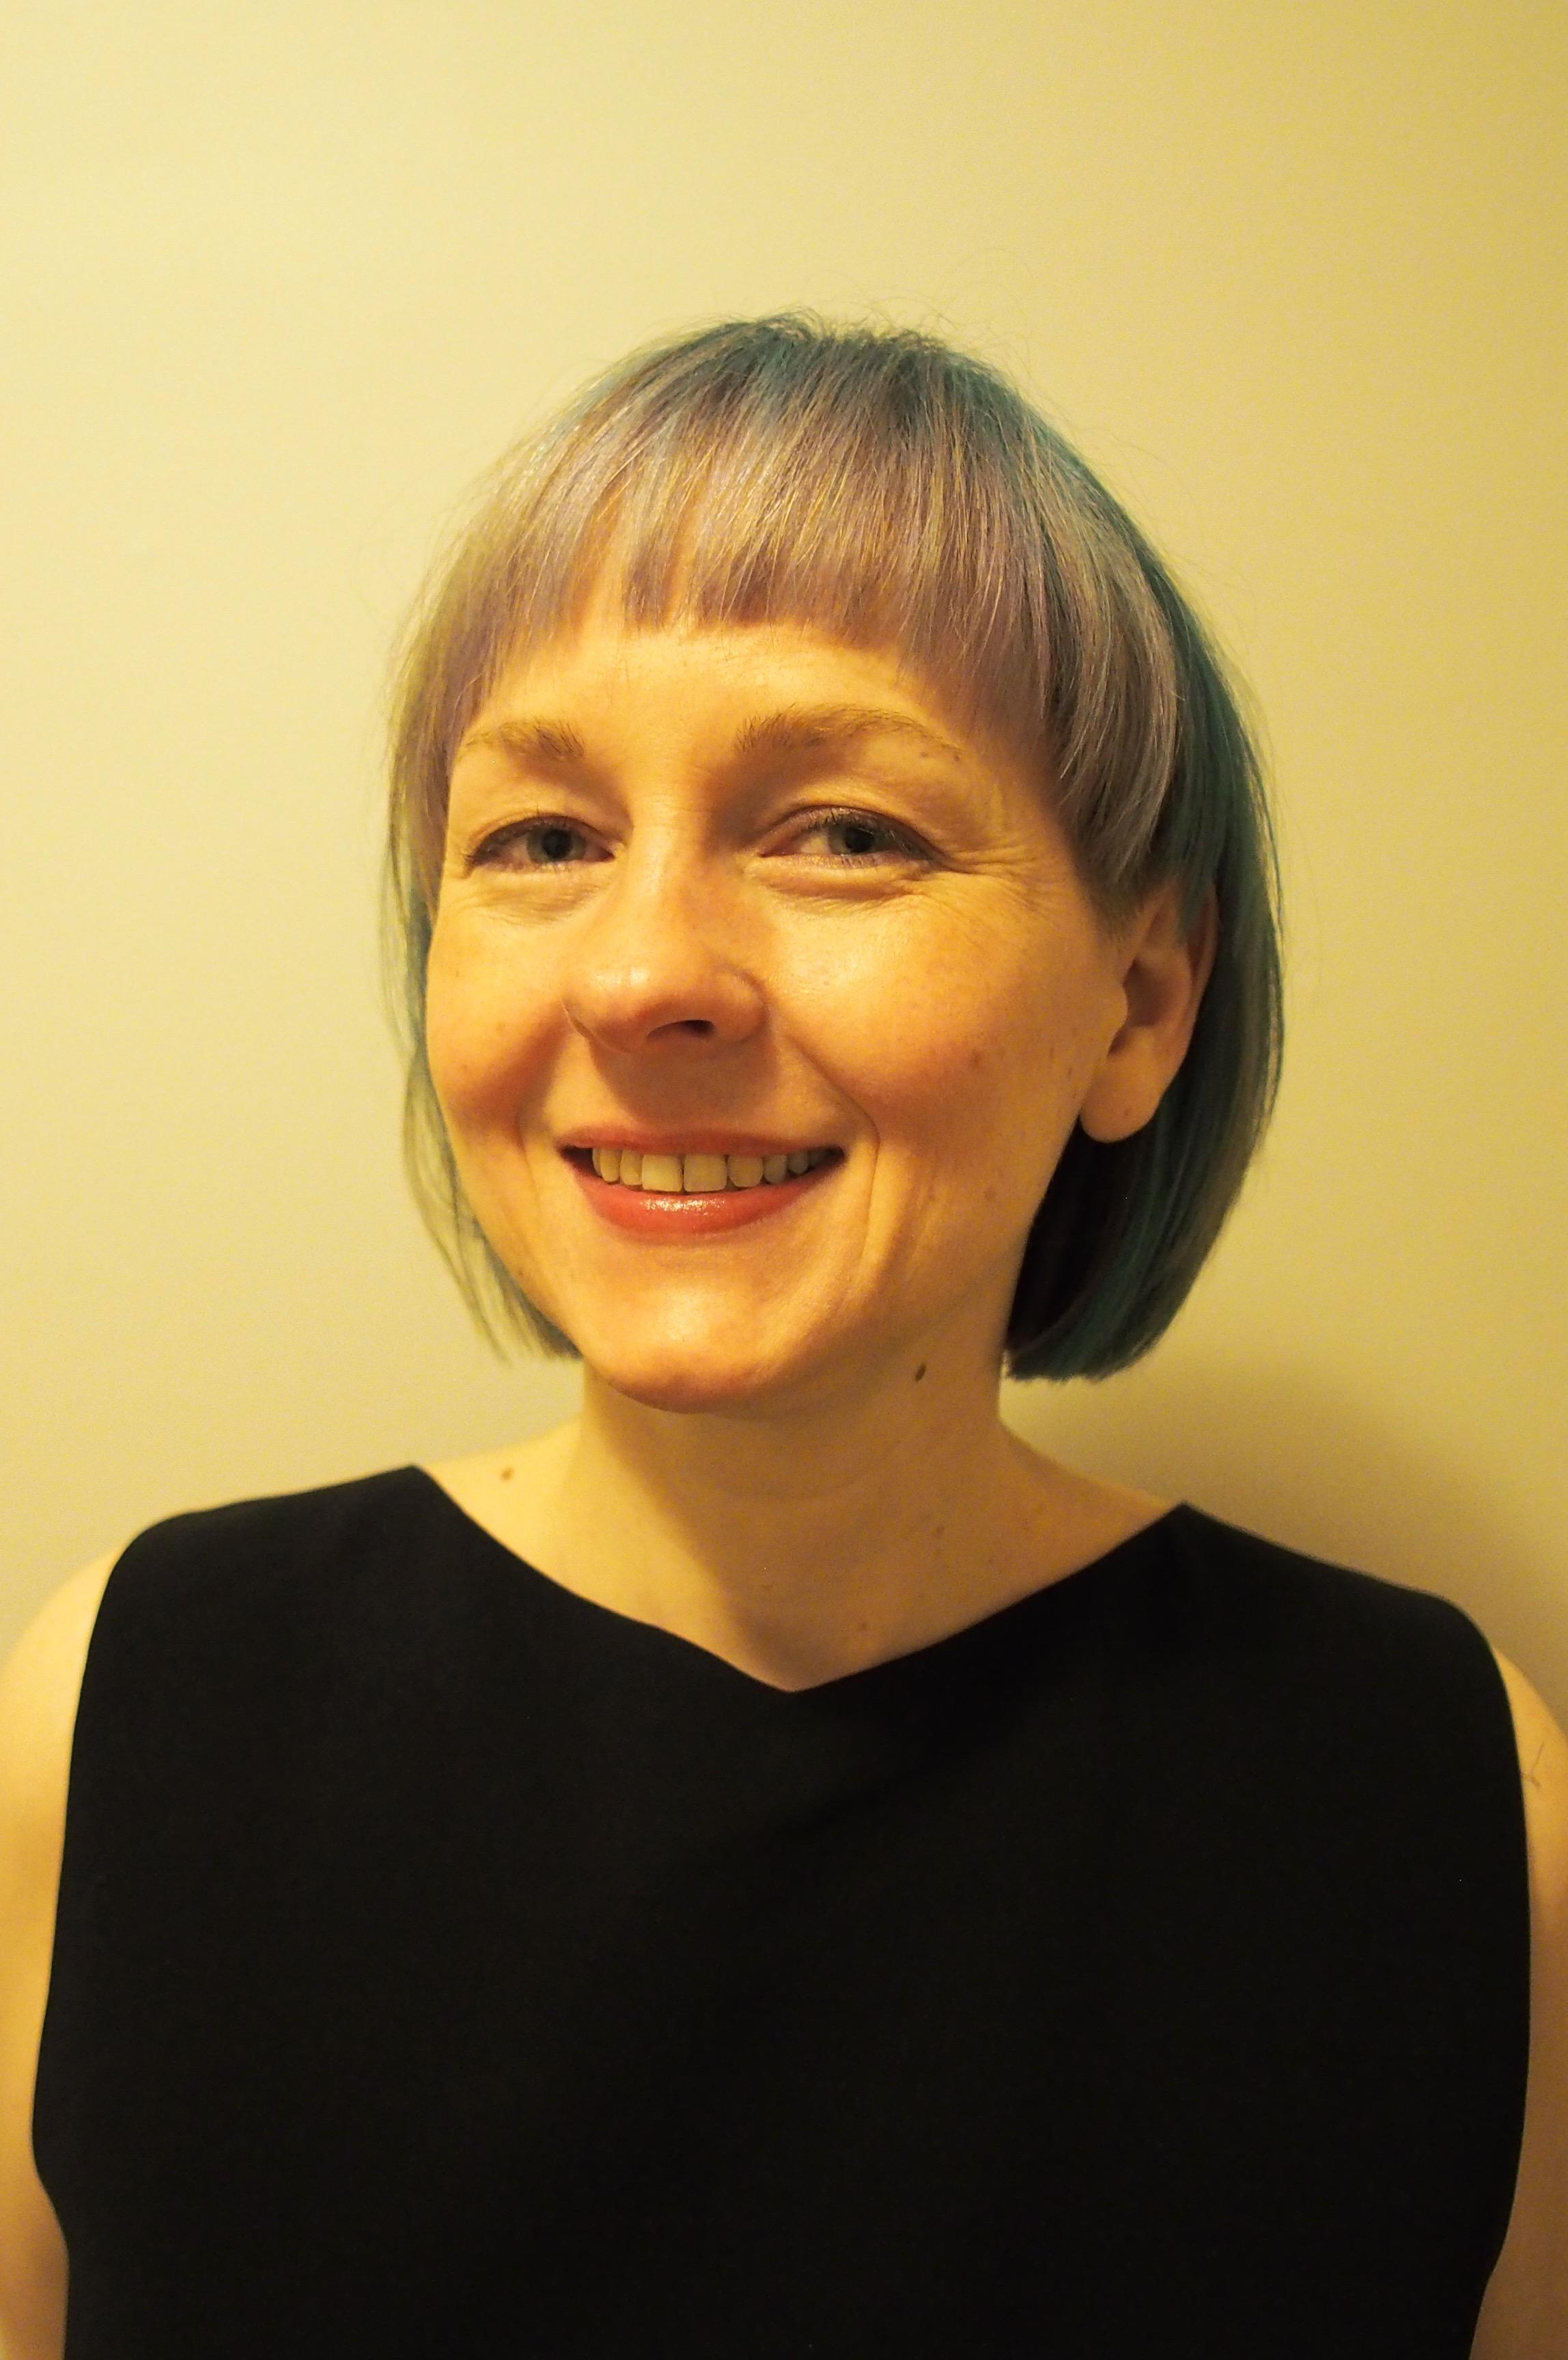 Gillian Crozier